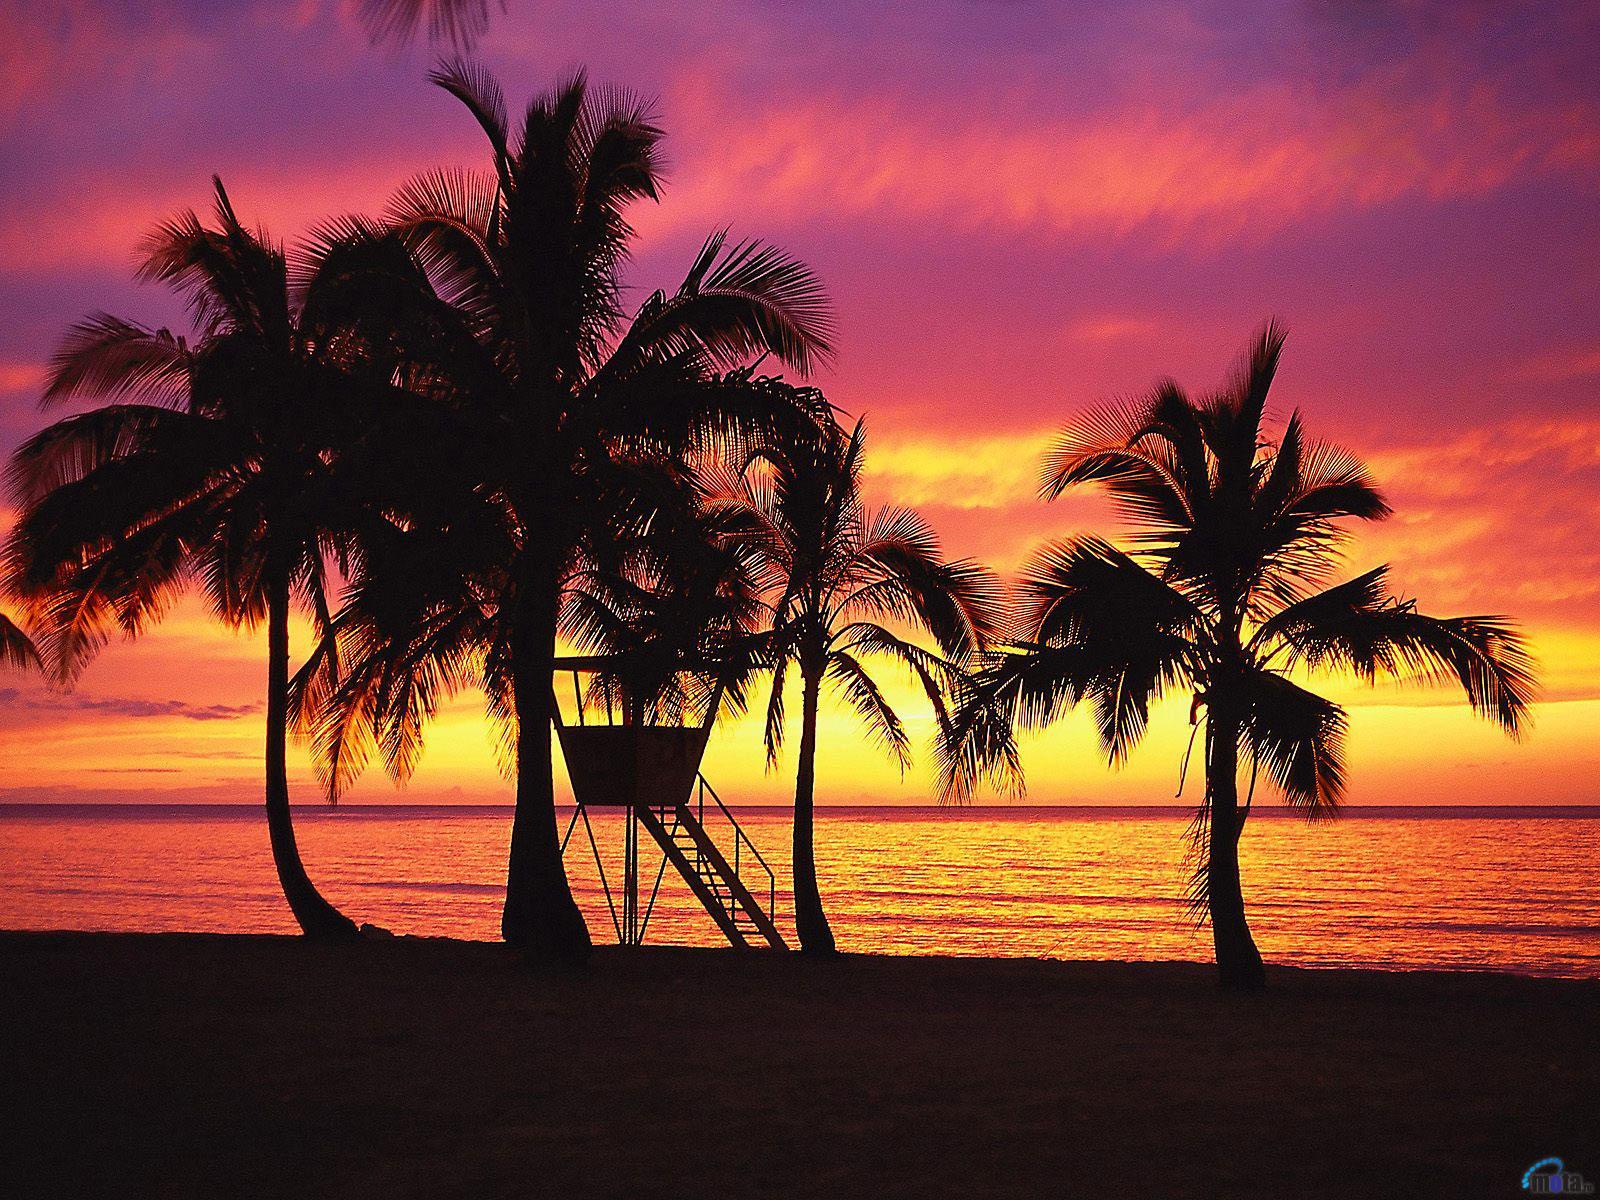 Wallpaper tropics beach sunset Oahu evening palm Hawaii Palm 1600x1200